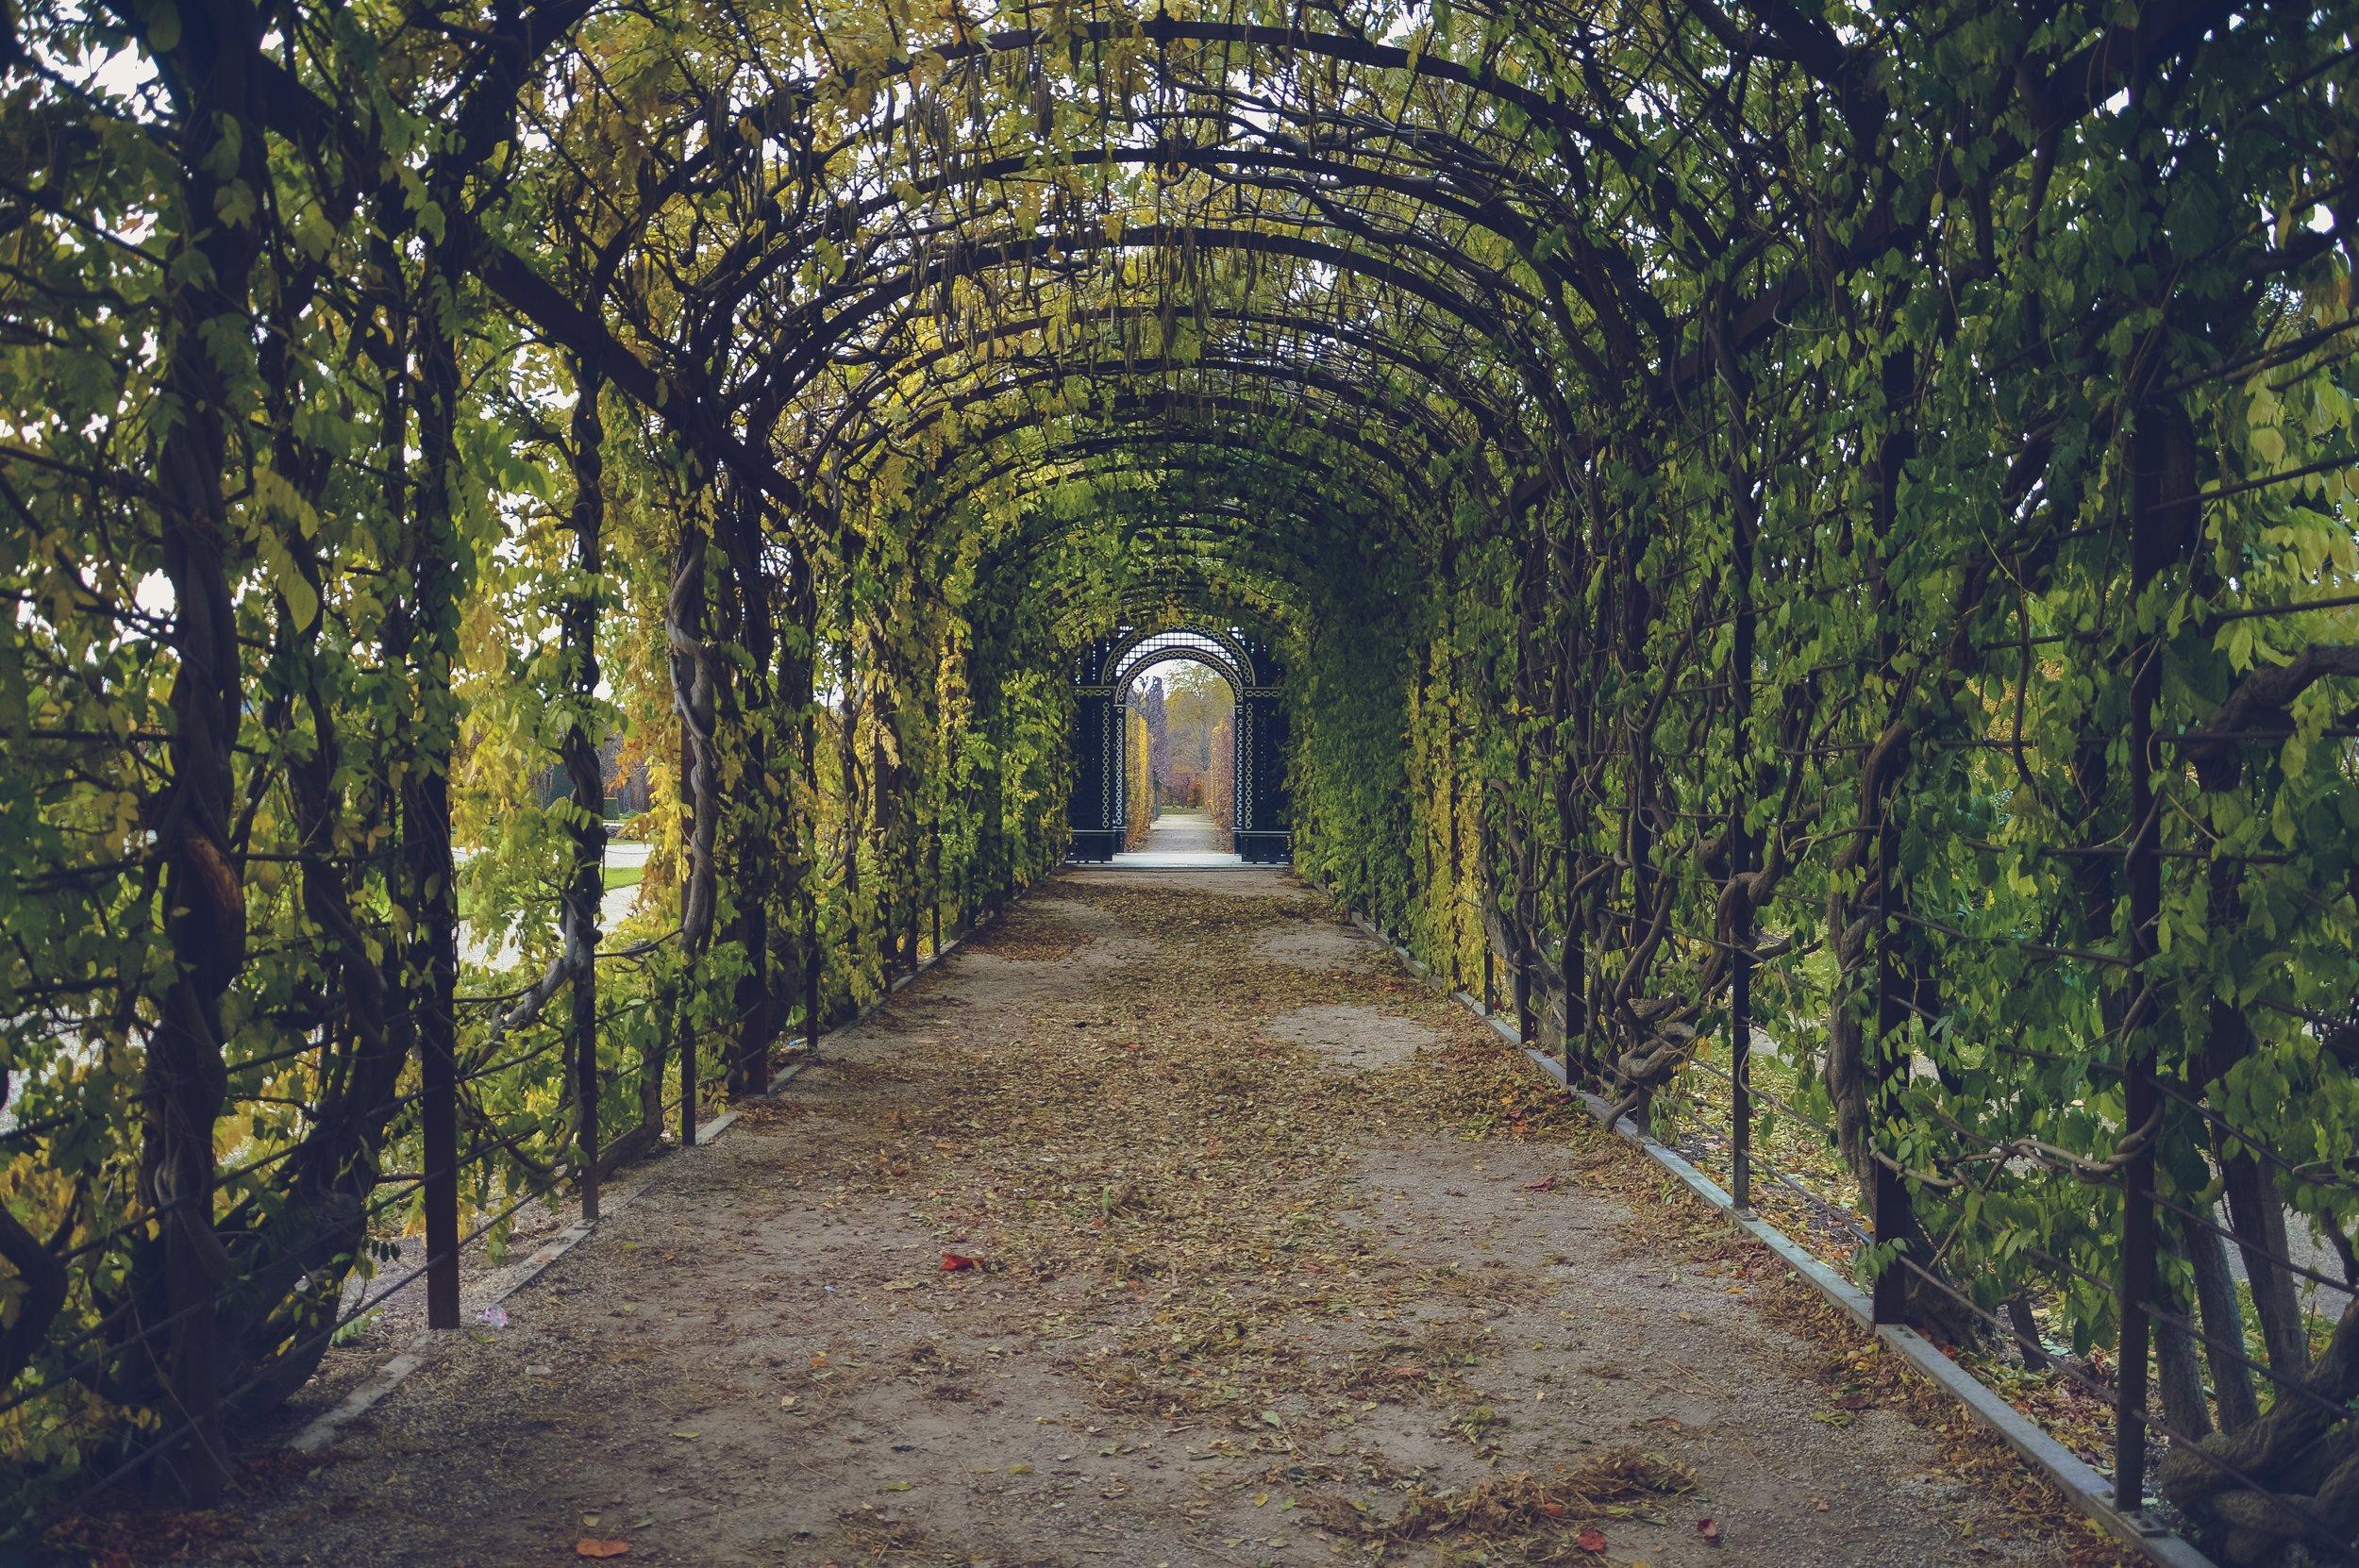 bindweed-corridor-foliage-59599.jpg